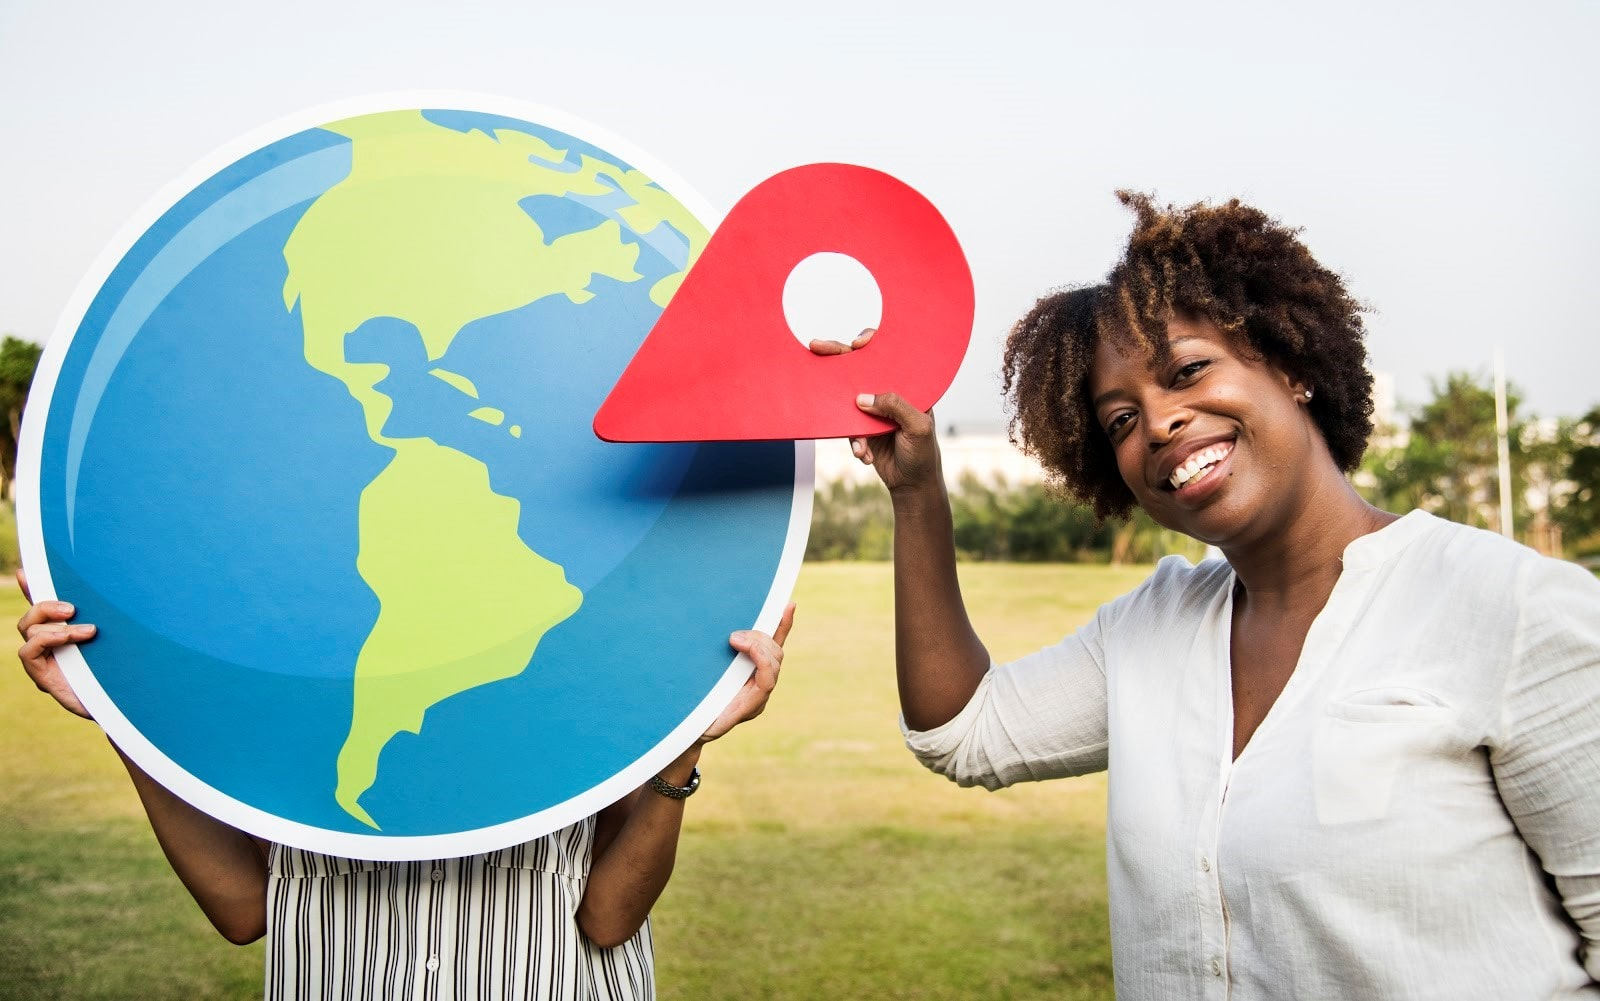 Ví dụ về toàn cầu hóa